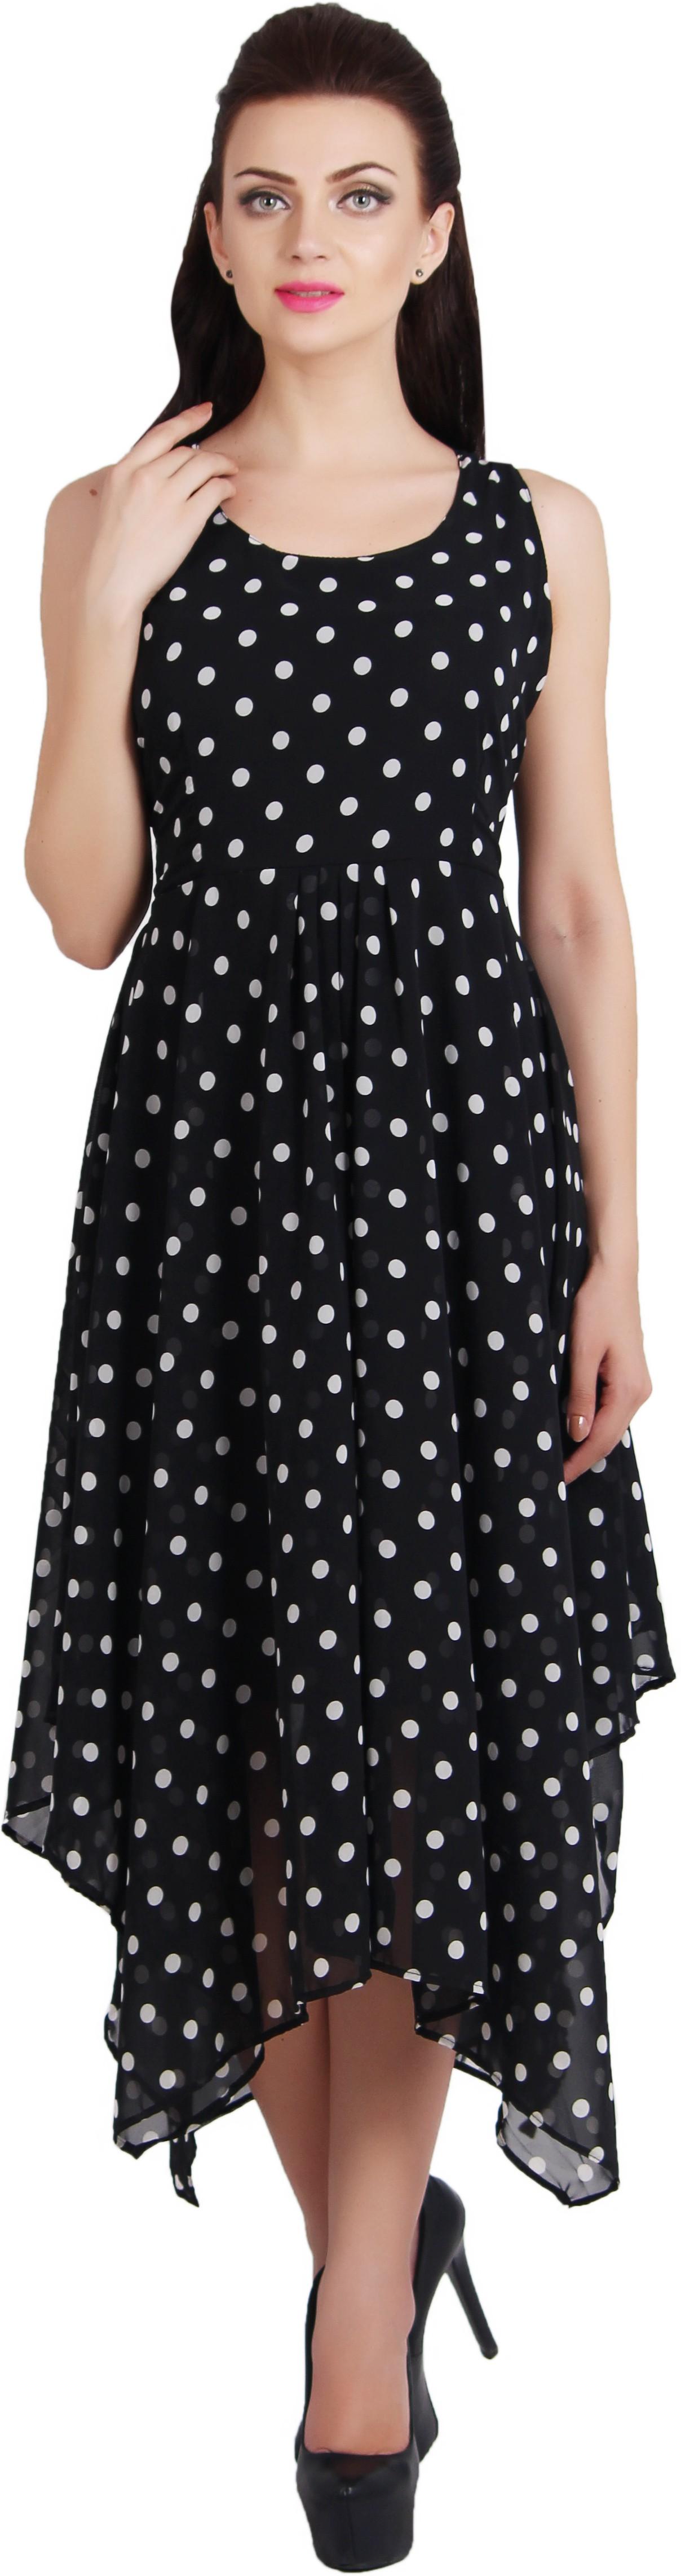 Deals | Dresses, Tops... People, Vero Moda...